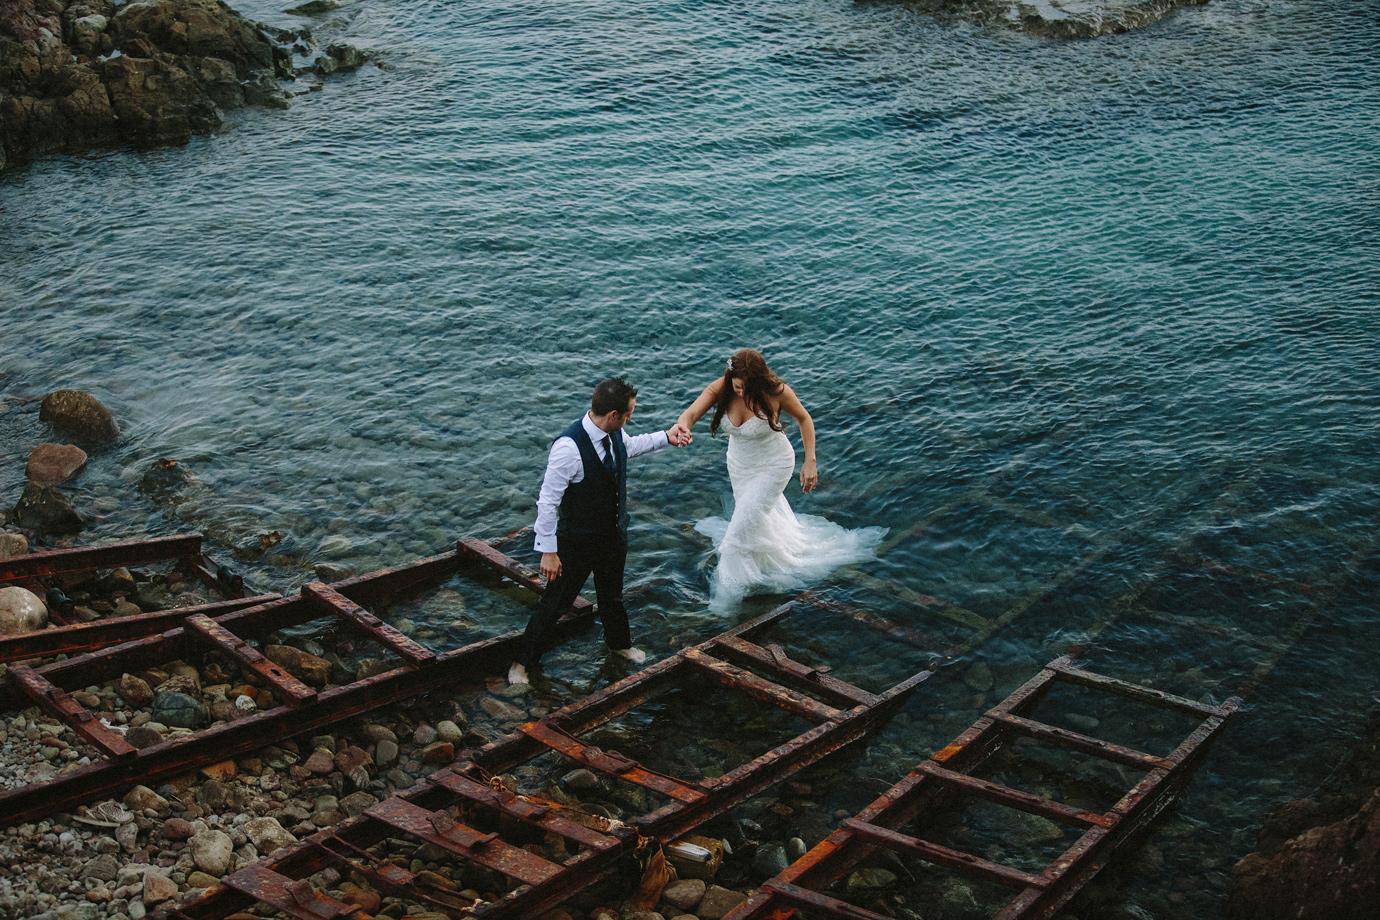 fotografo de bodas en malaga archidona granada cabo de gata almeria